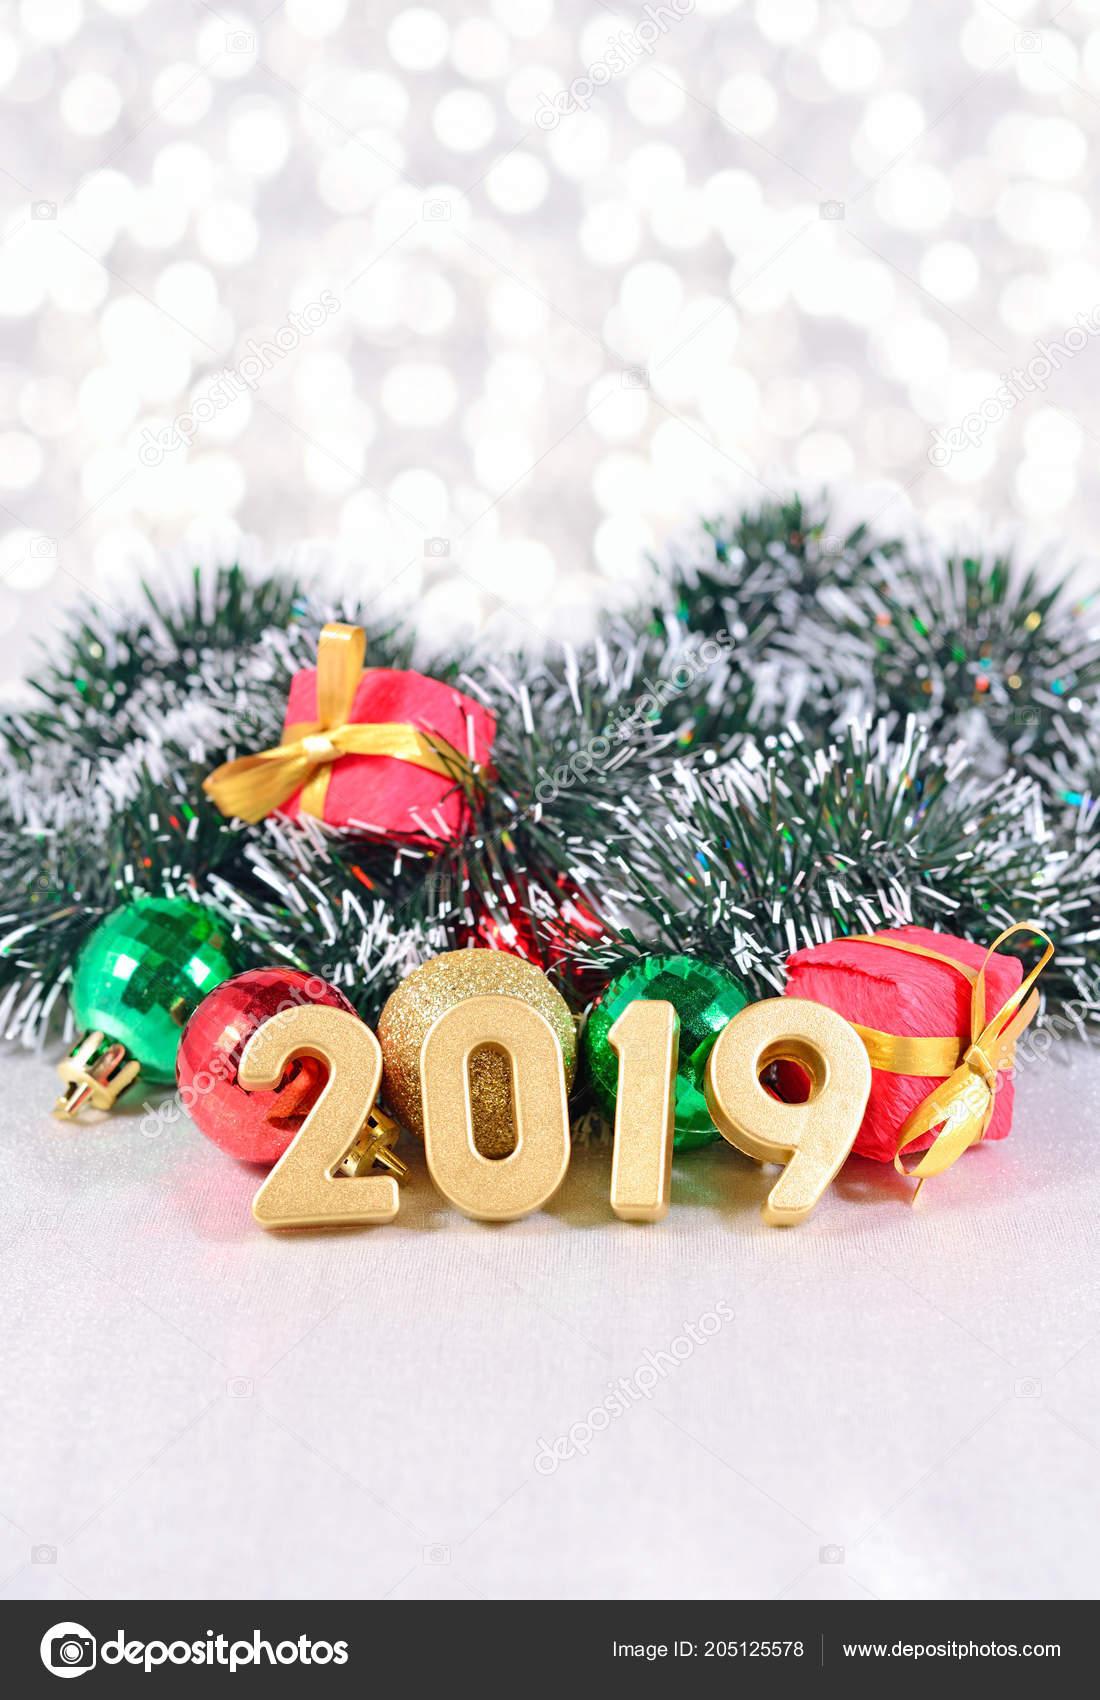 Decorazioni Natalizie 2019.2019 Anno Dorato Figure Sullo Sfondo Delle Decorazioni Natale Una